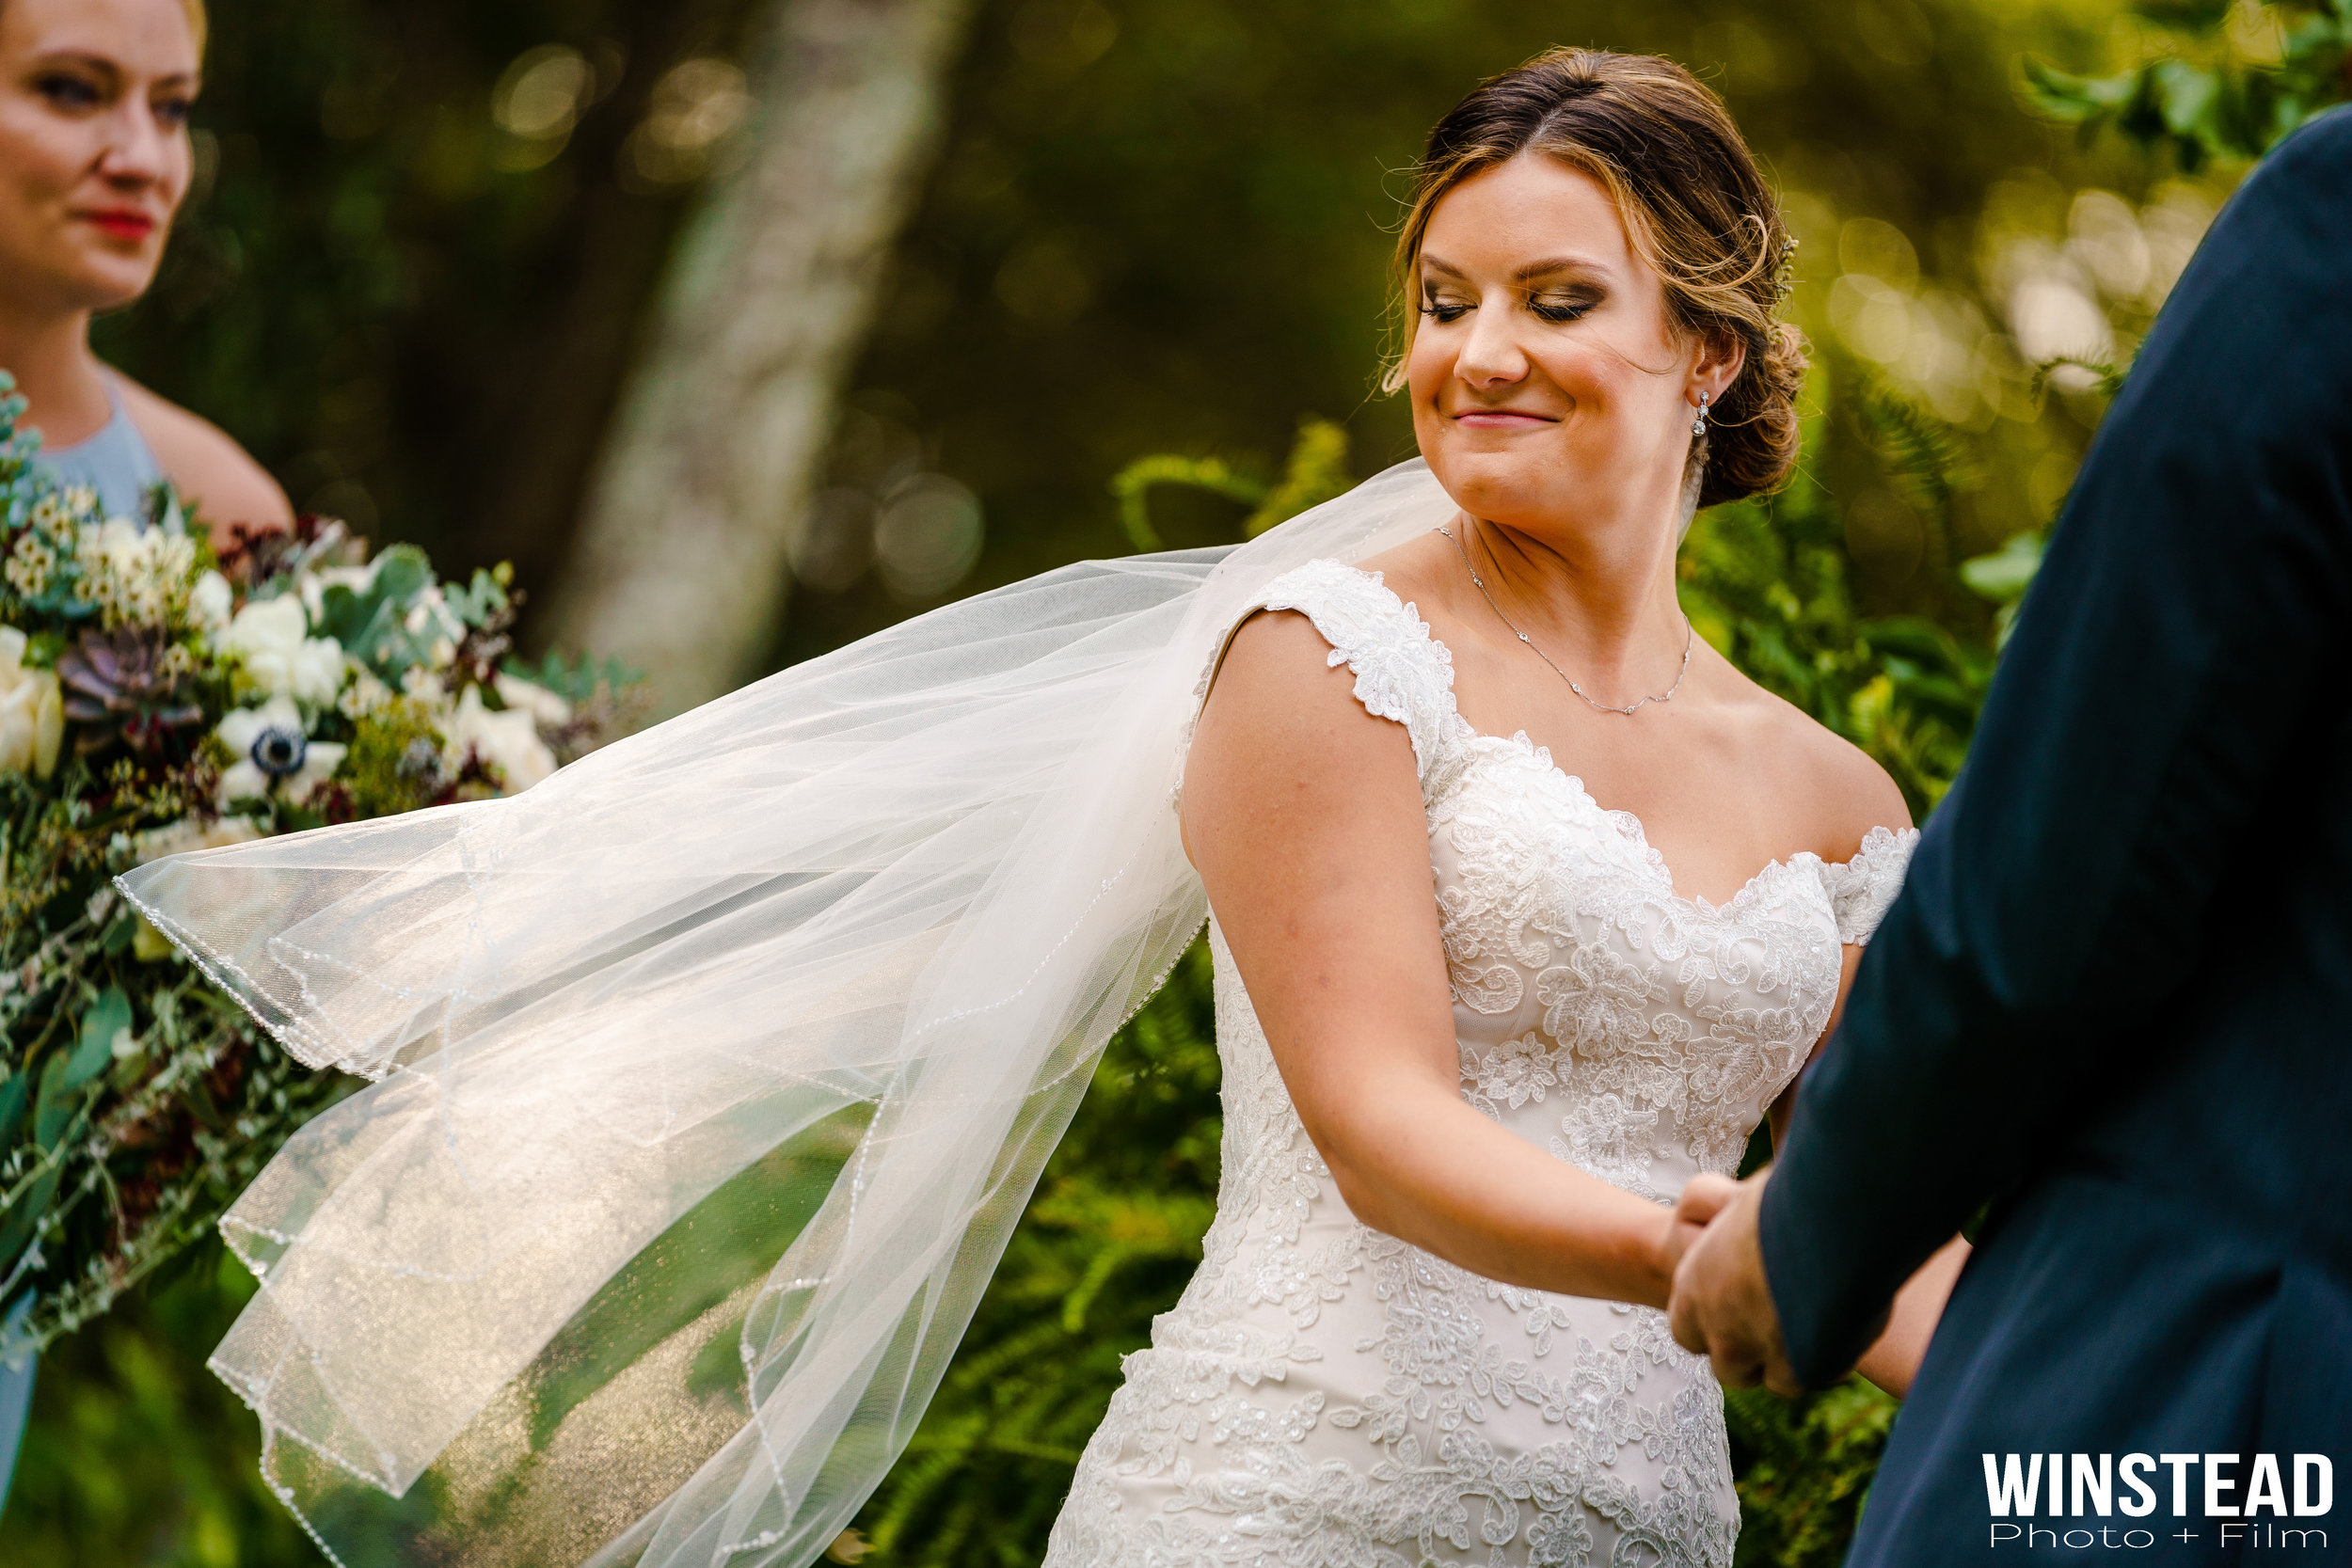 watson-house-emerald-isle-nc-wedding-025.jpg